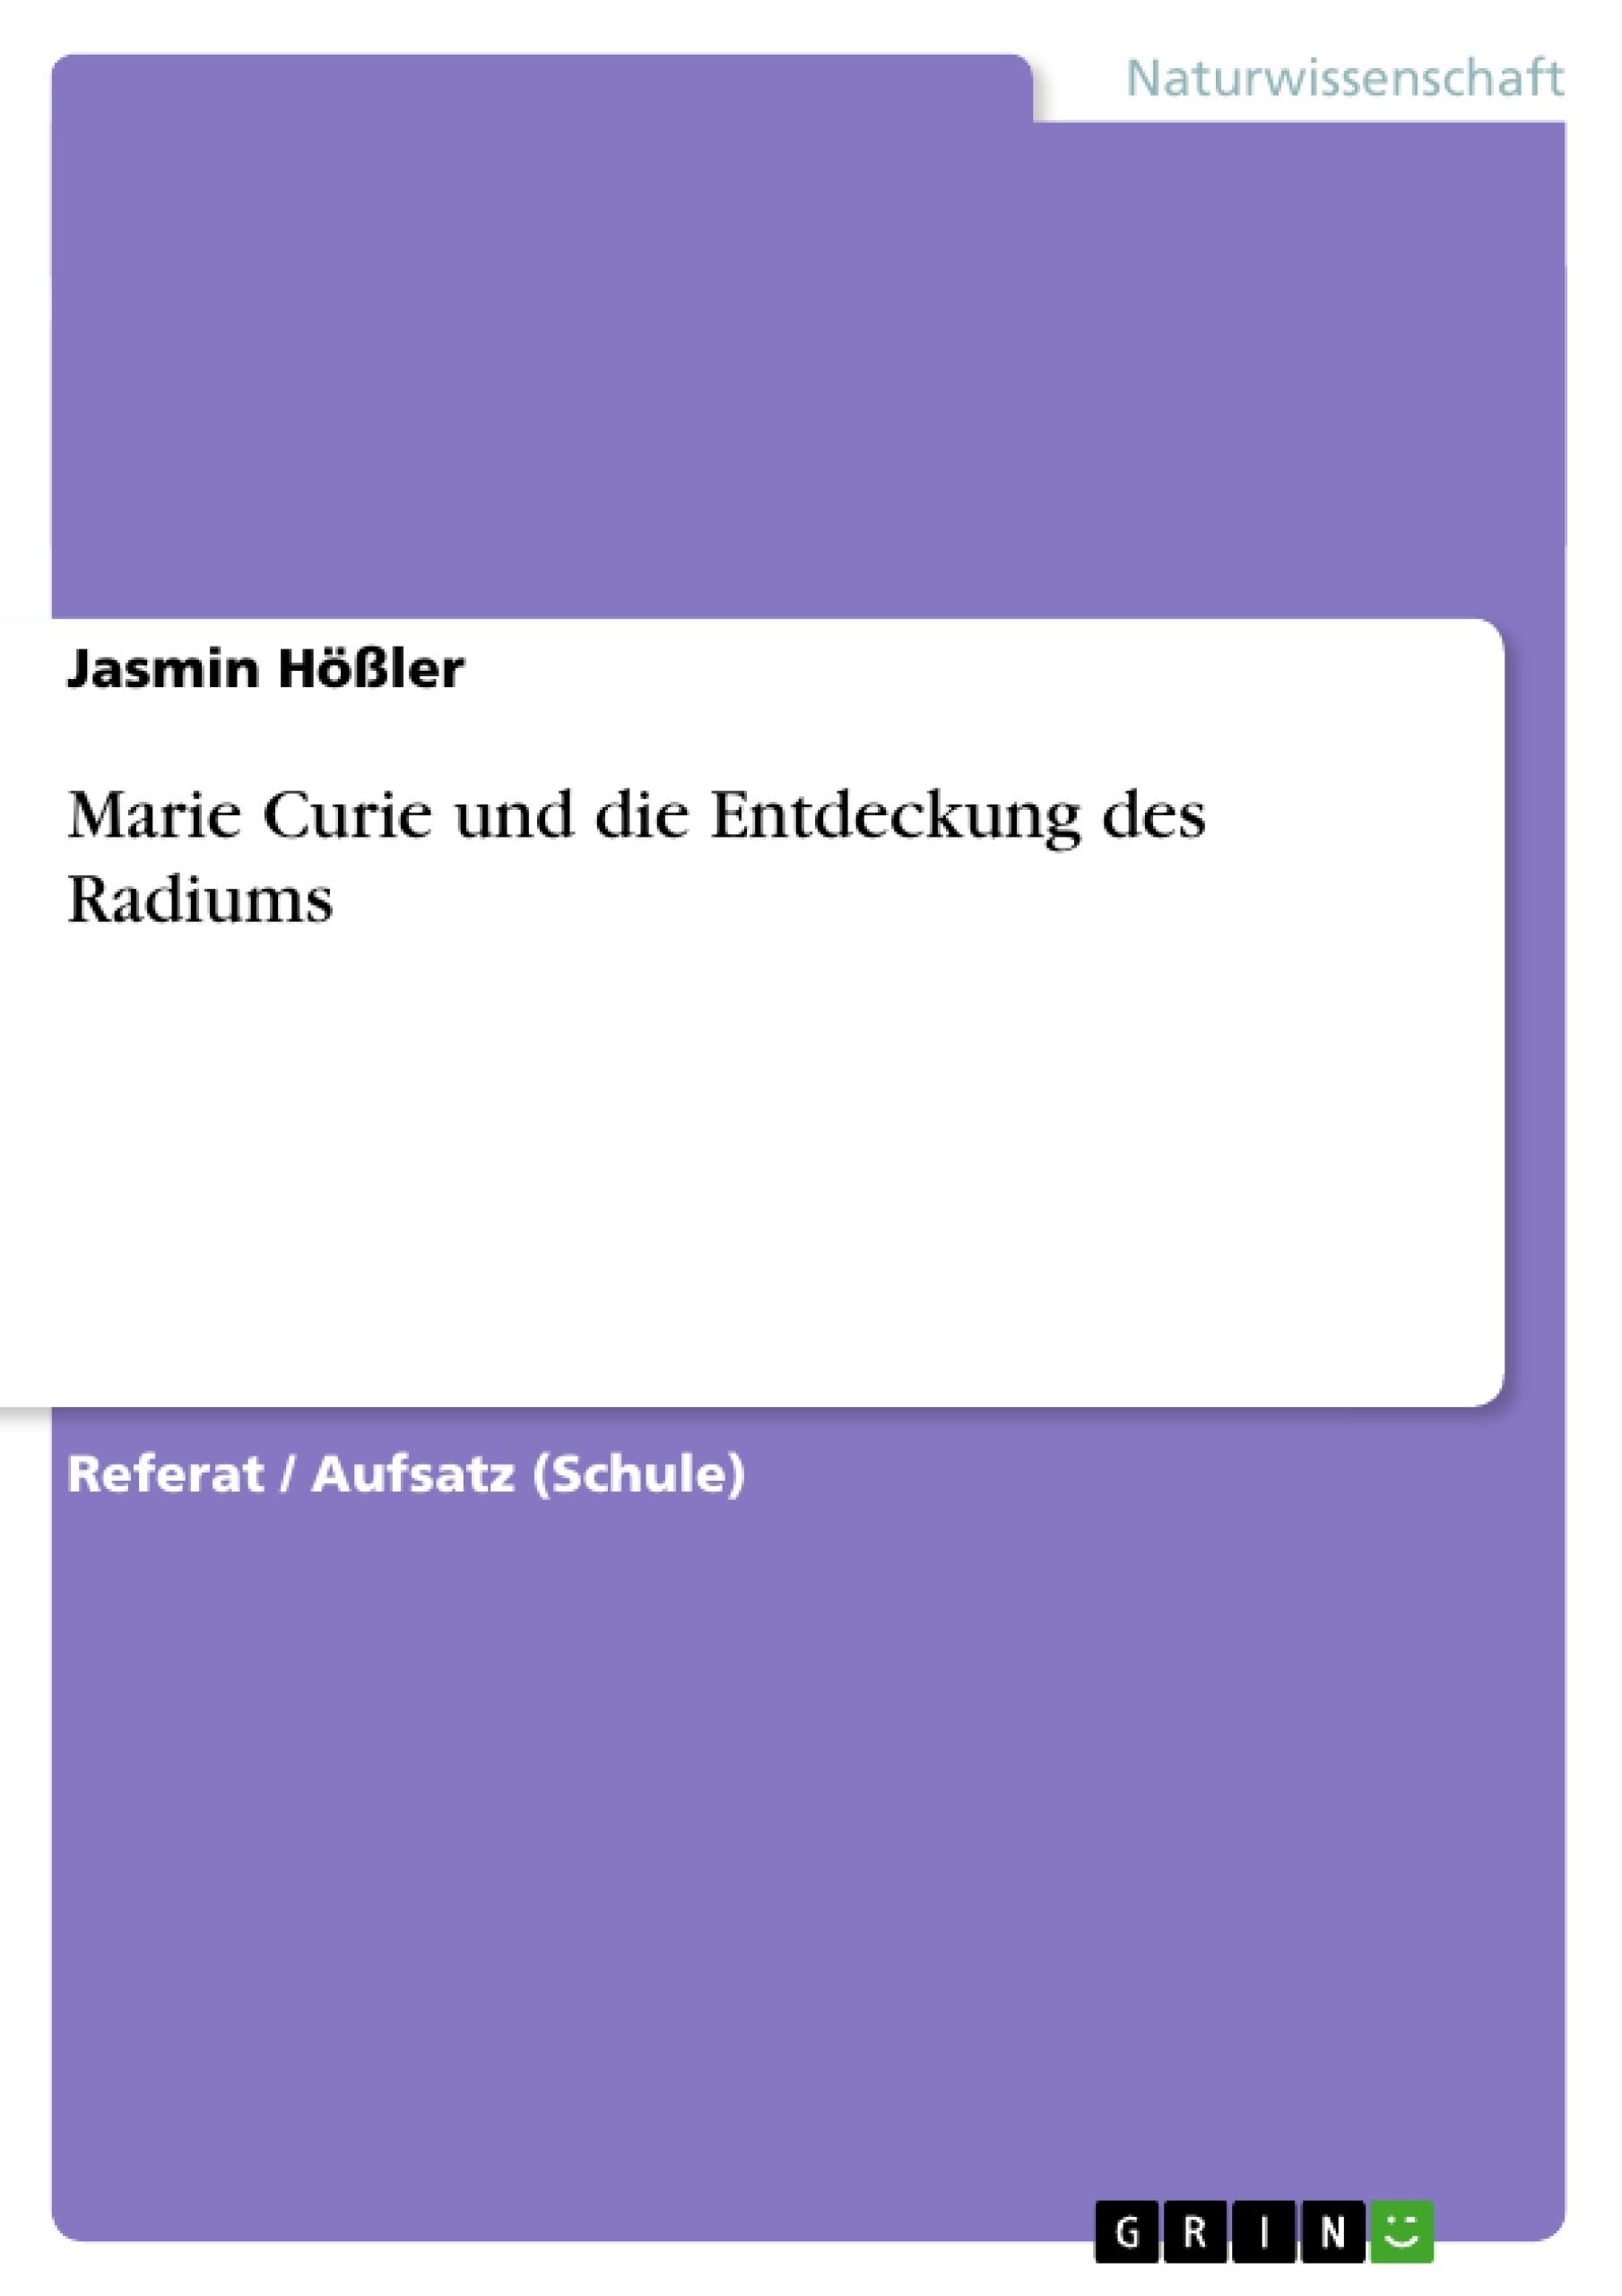 Titel: Marie Curie und die Entdeckung des Radiums